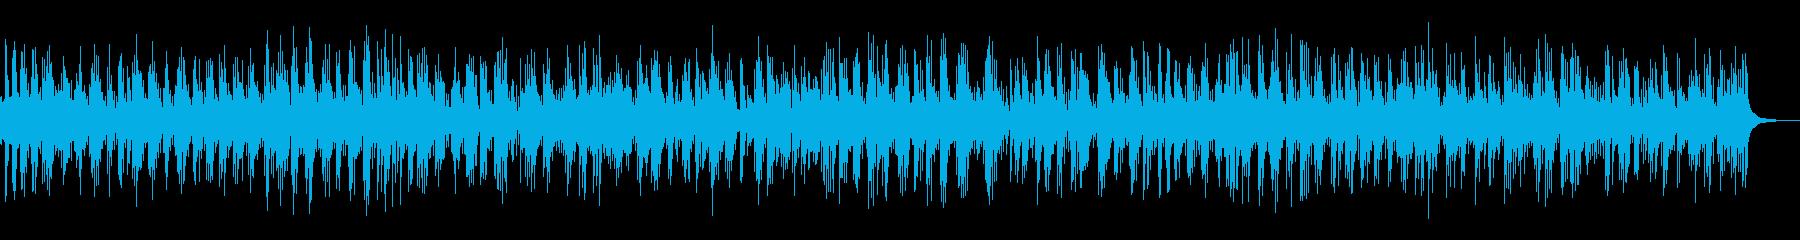 懐かしい思い出、切なさ、ボレロギターの再生済みの波形